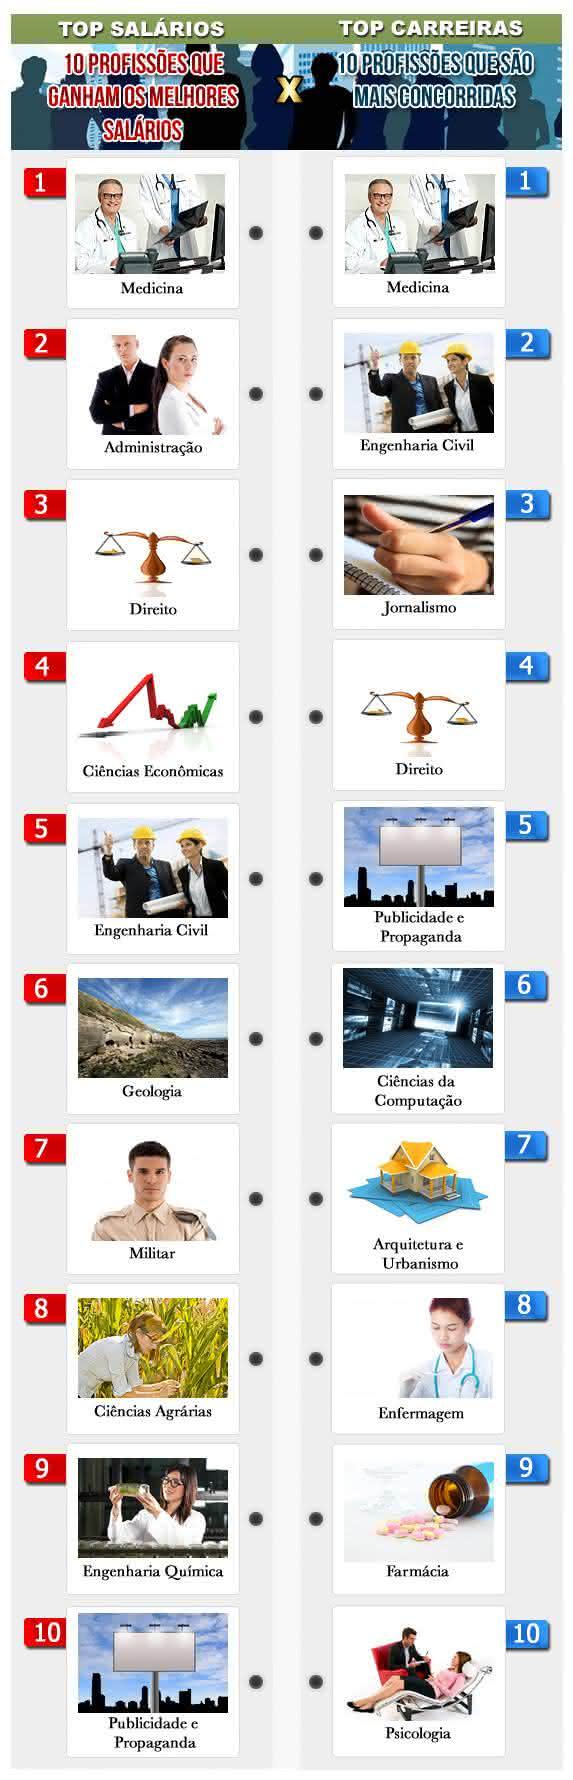 infográfico de profissões no Brasil